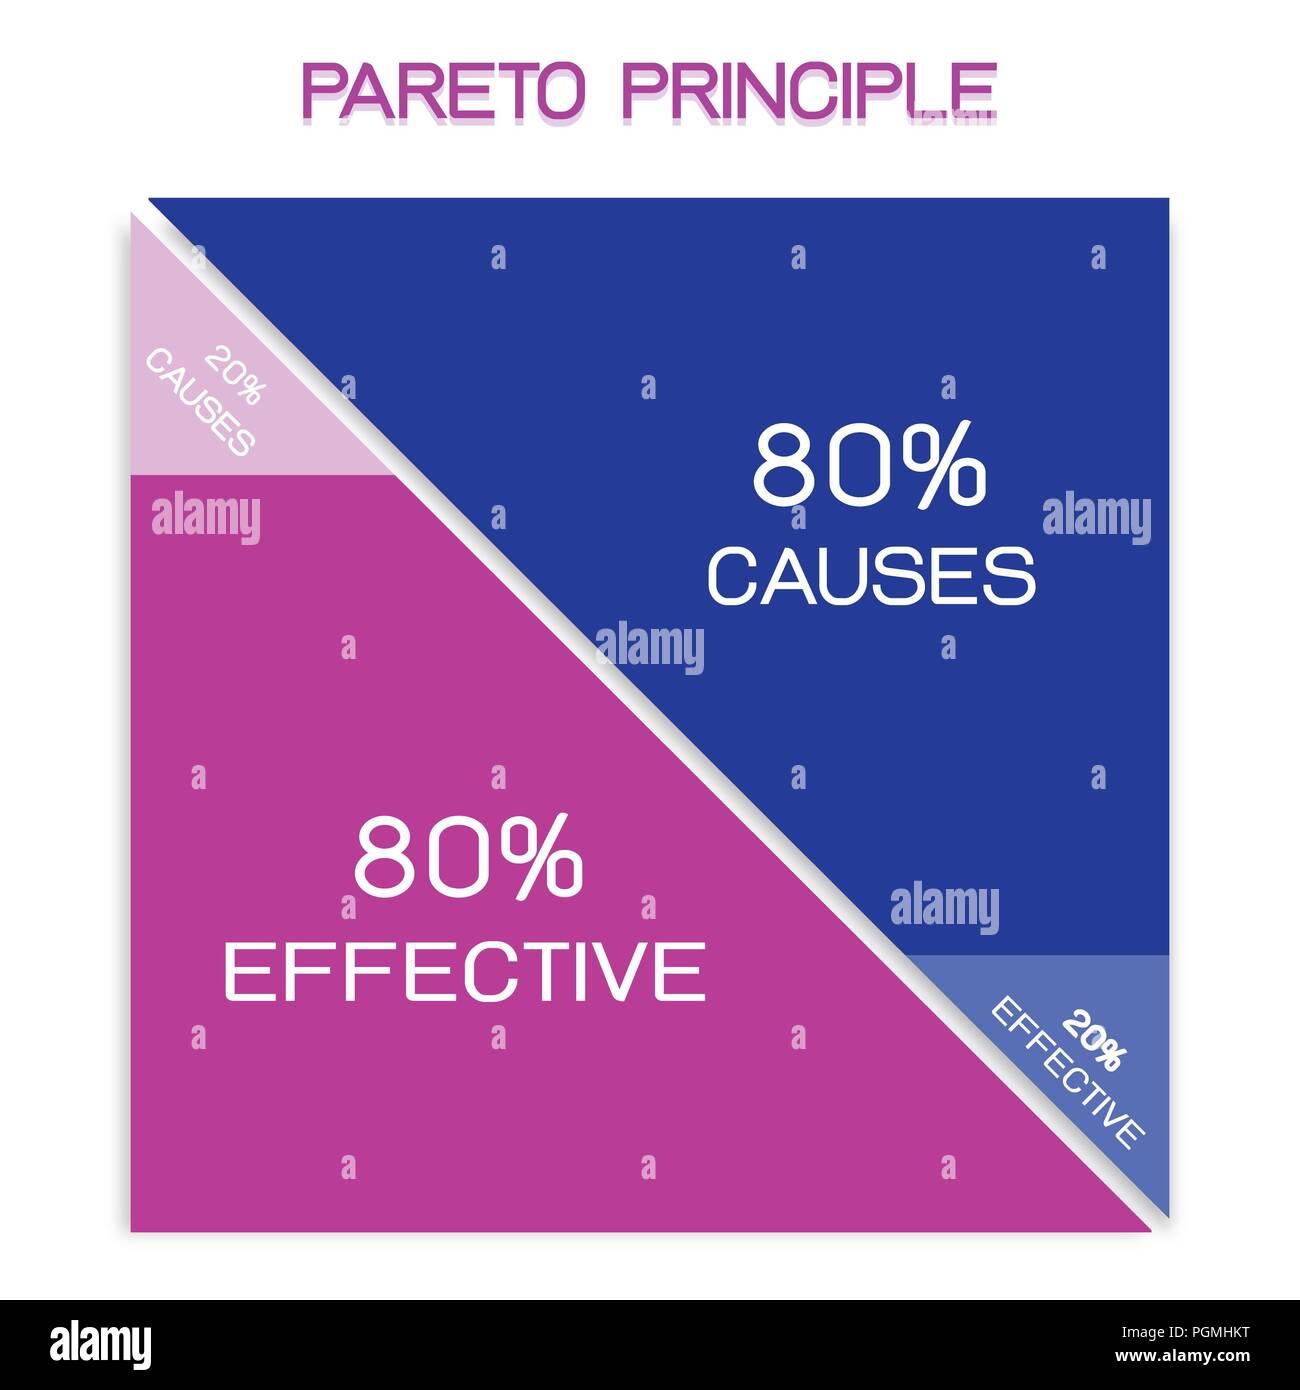 Conceptos de negocio, principio de Pareto, la Ley de los pocos vitales o la